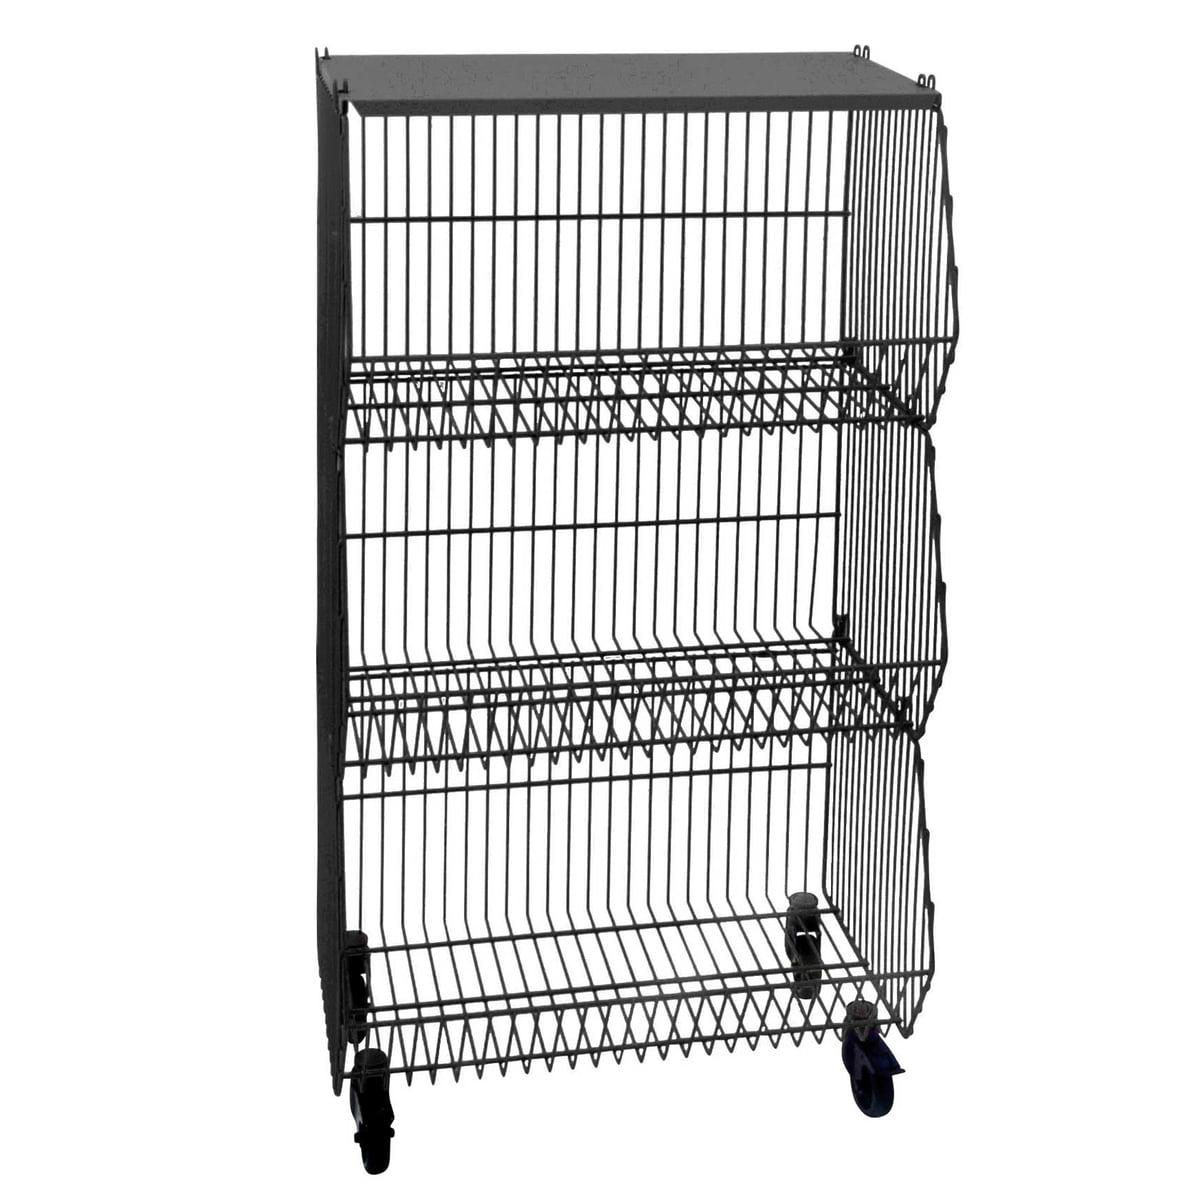 basket on castors by pension f r produkte. Black Bedroom Furniture Sets. Home Design Ideas